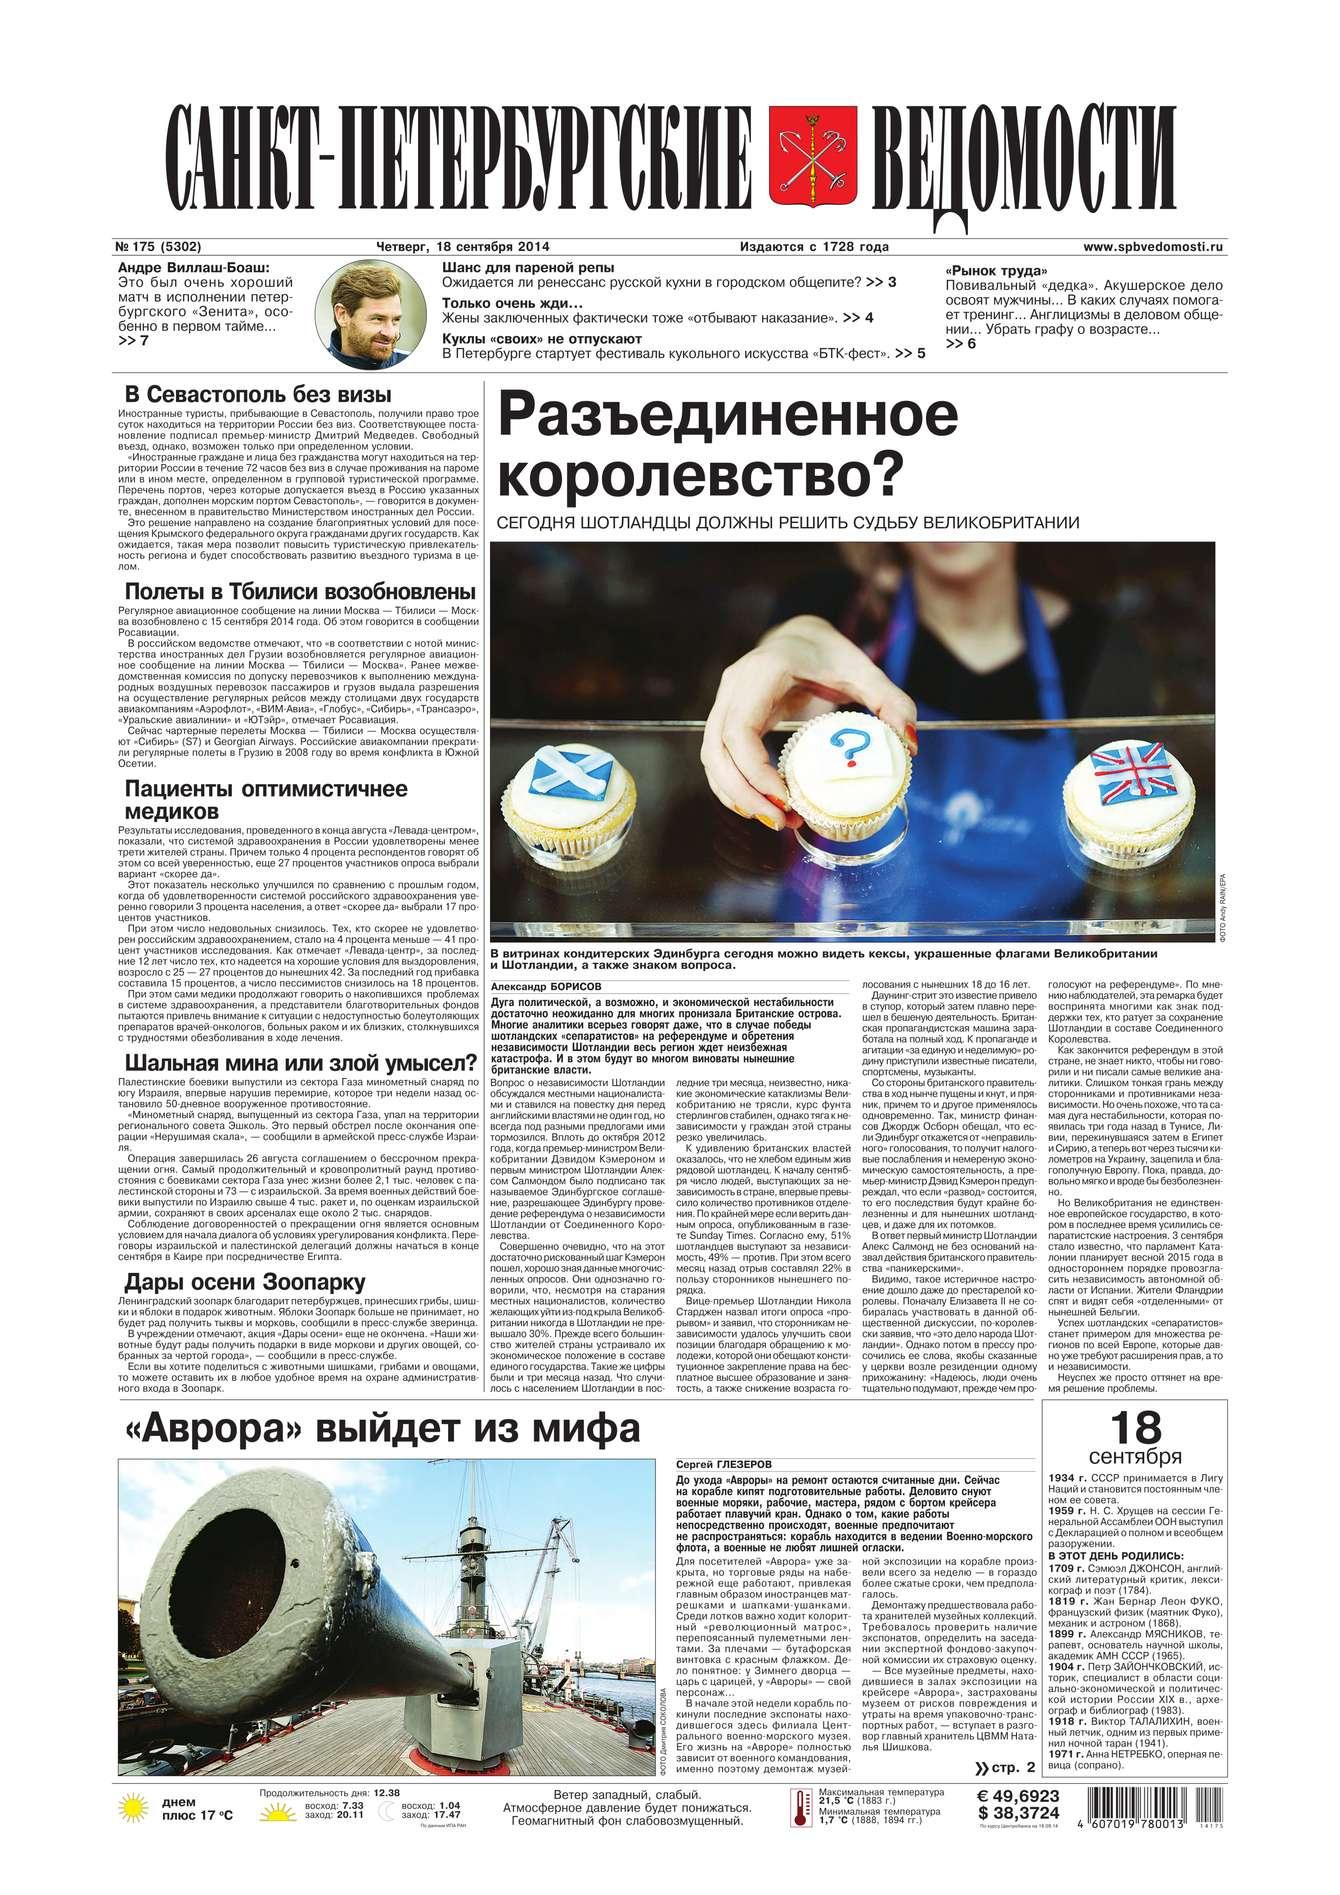 Санкт-Петербургские ведомости 175-2014